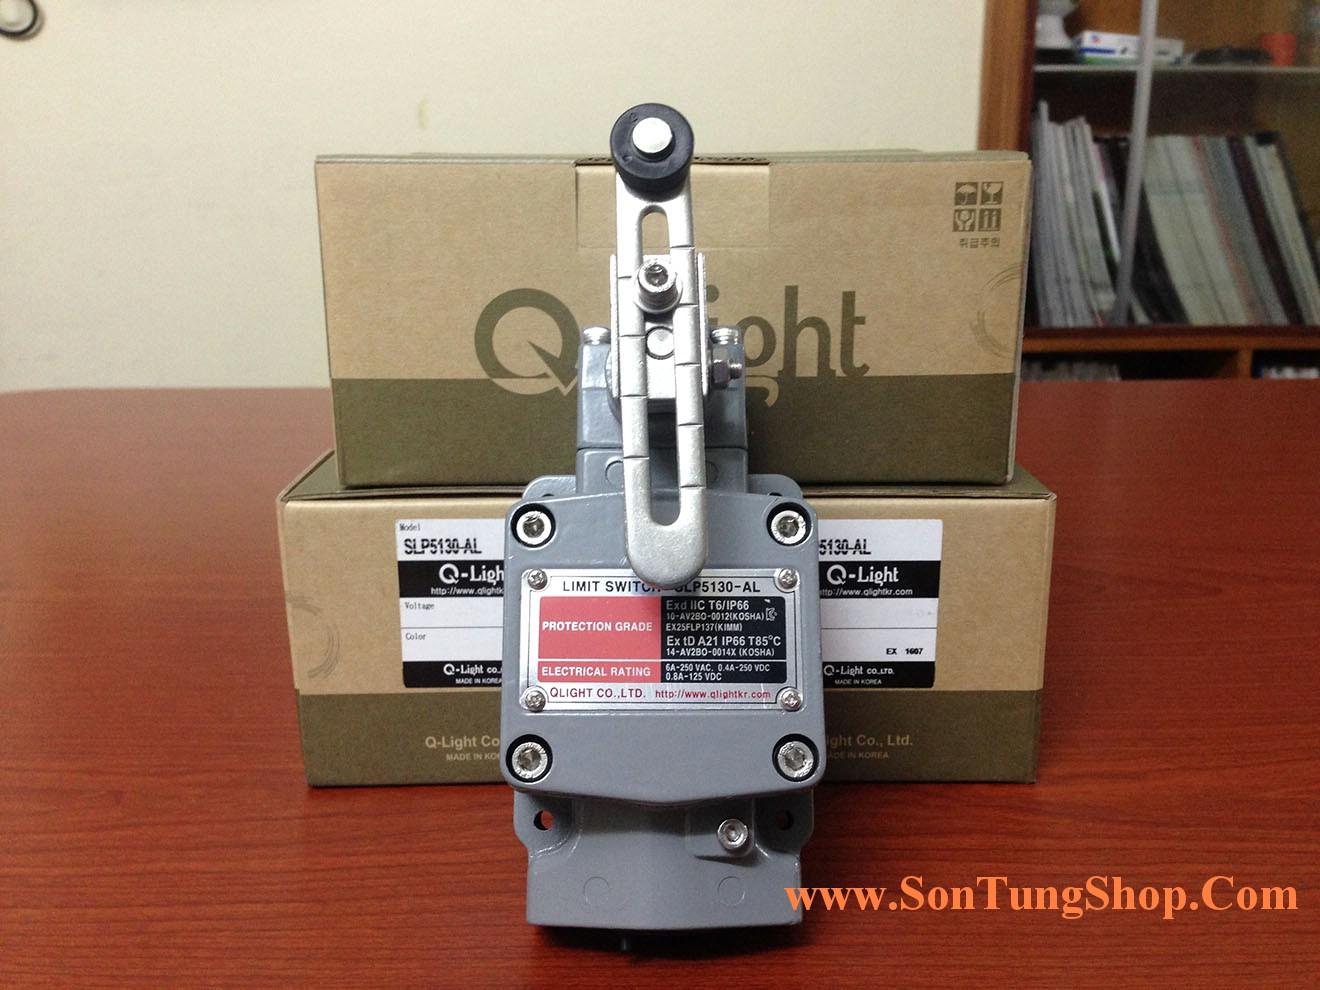 Công tắc hành trình Limit Switch Qlight Phòng nổ Qlight Korea SLP5130-Mở Hộp